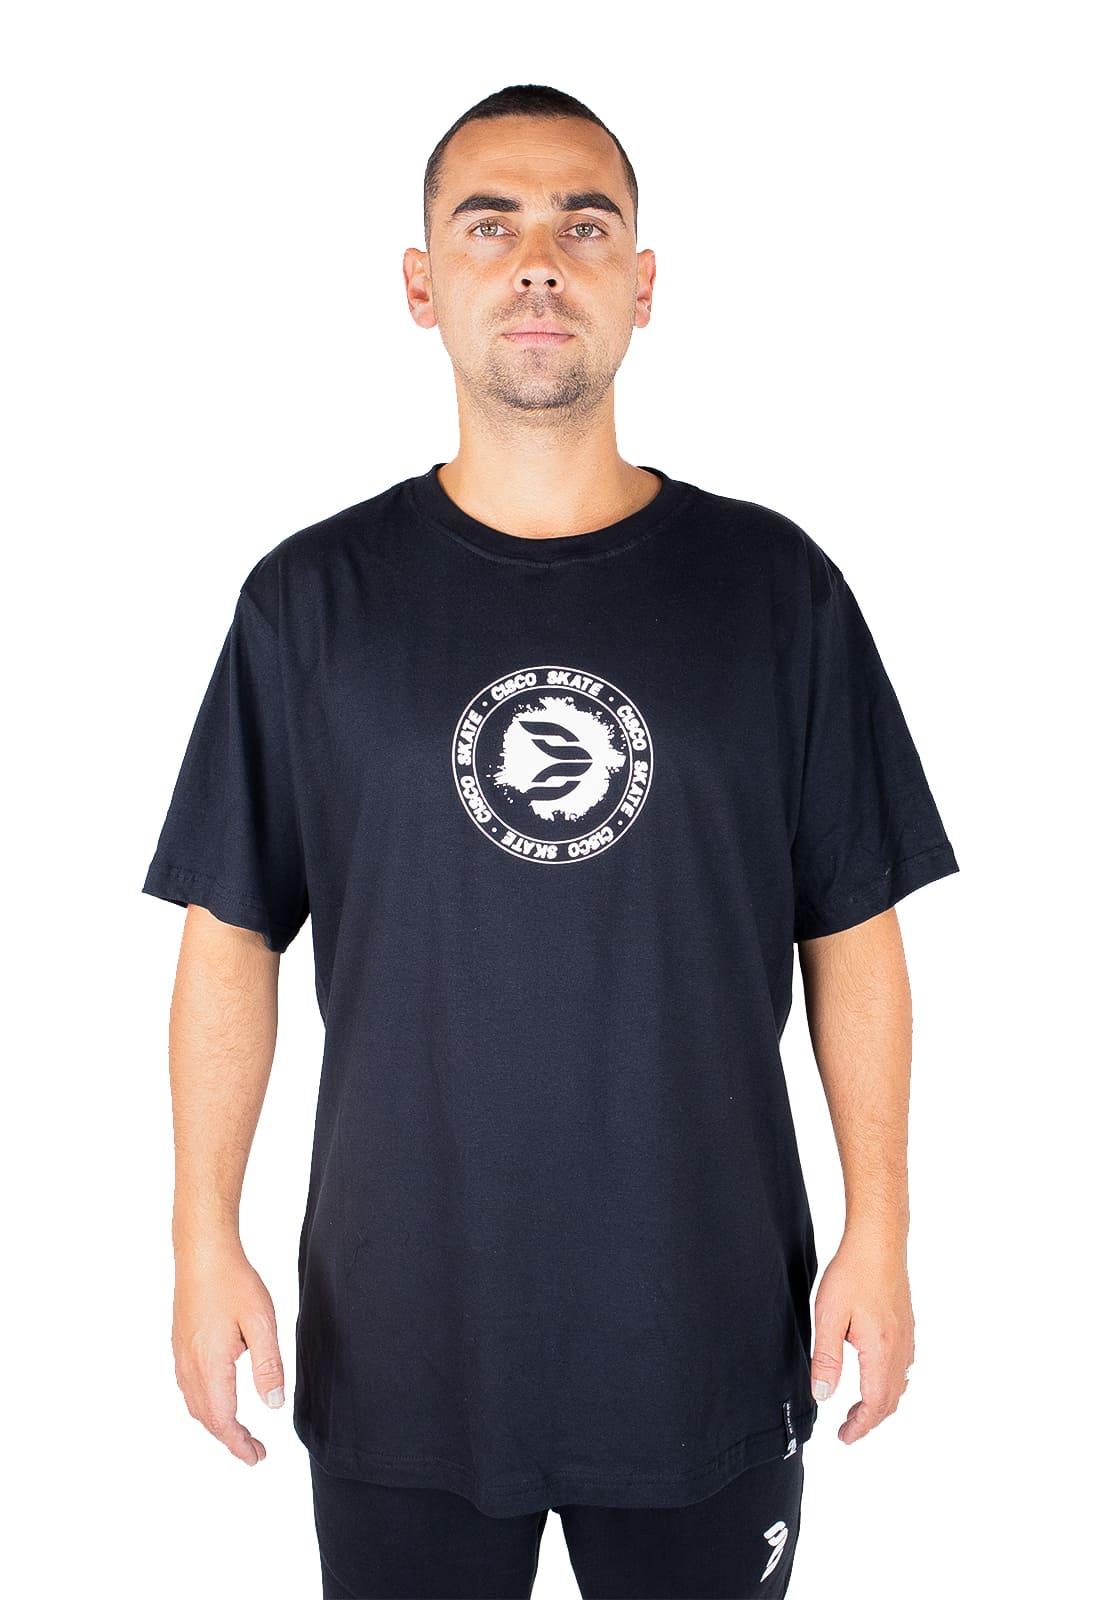 Camiseta Cisco Skate Clothing Brasão